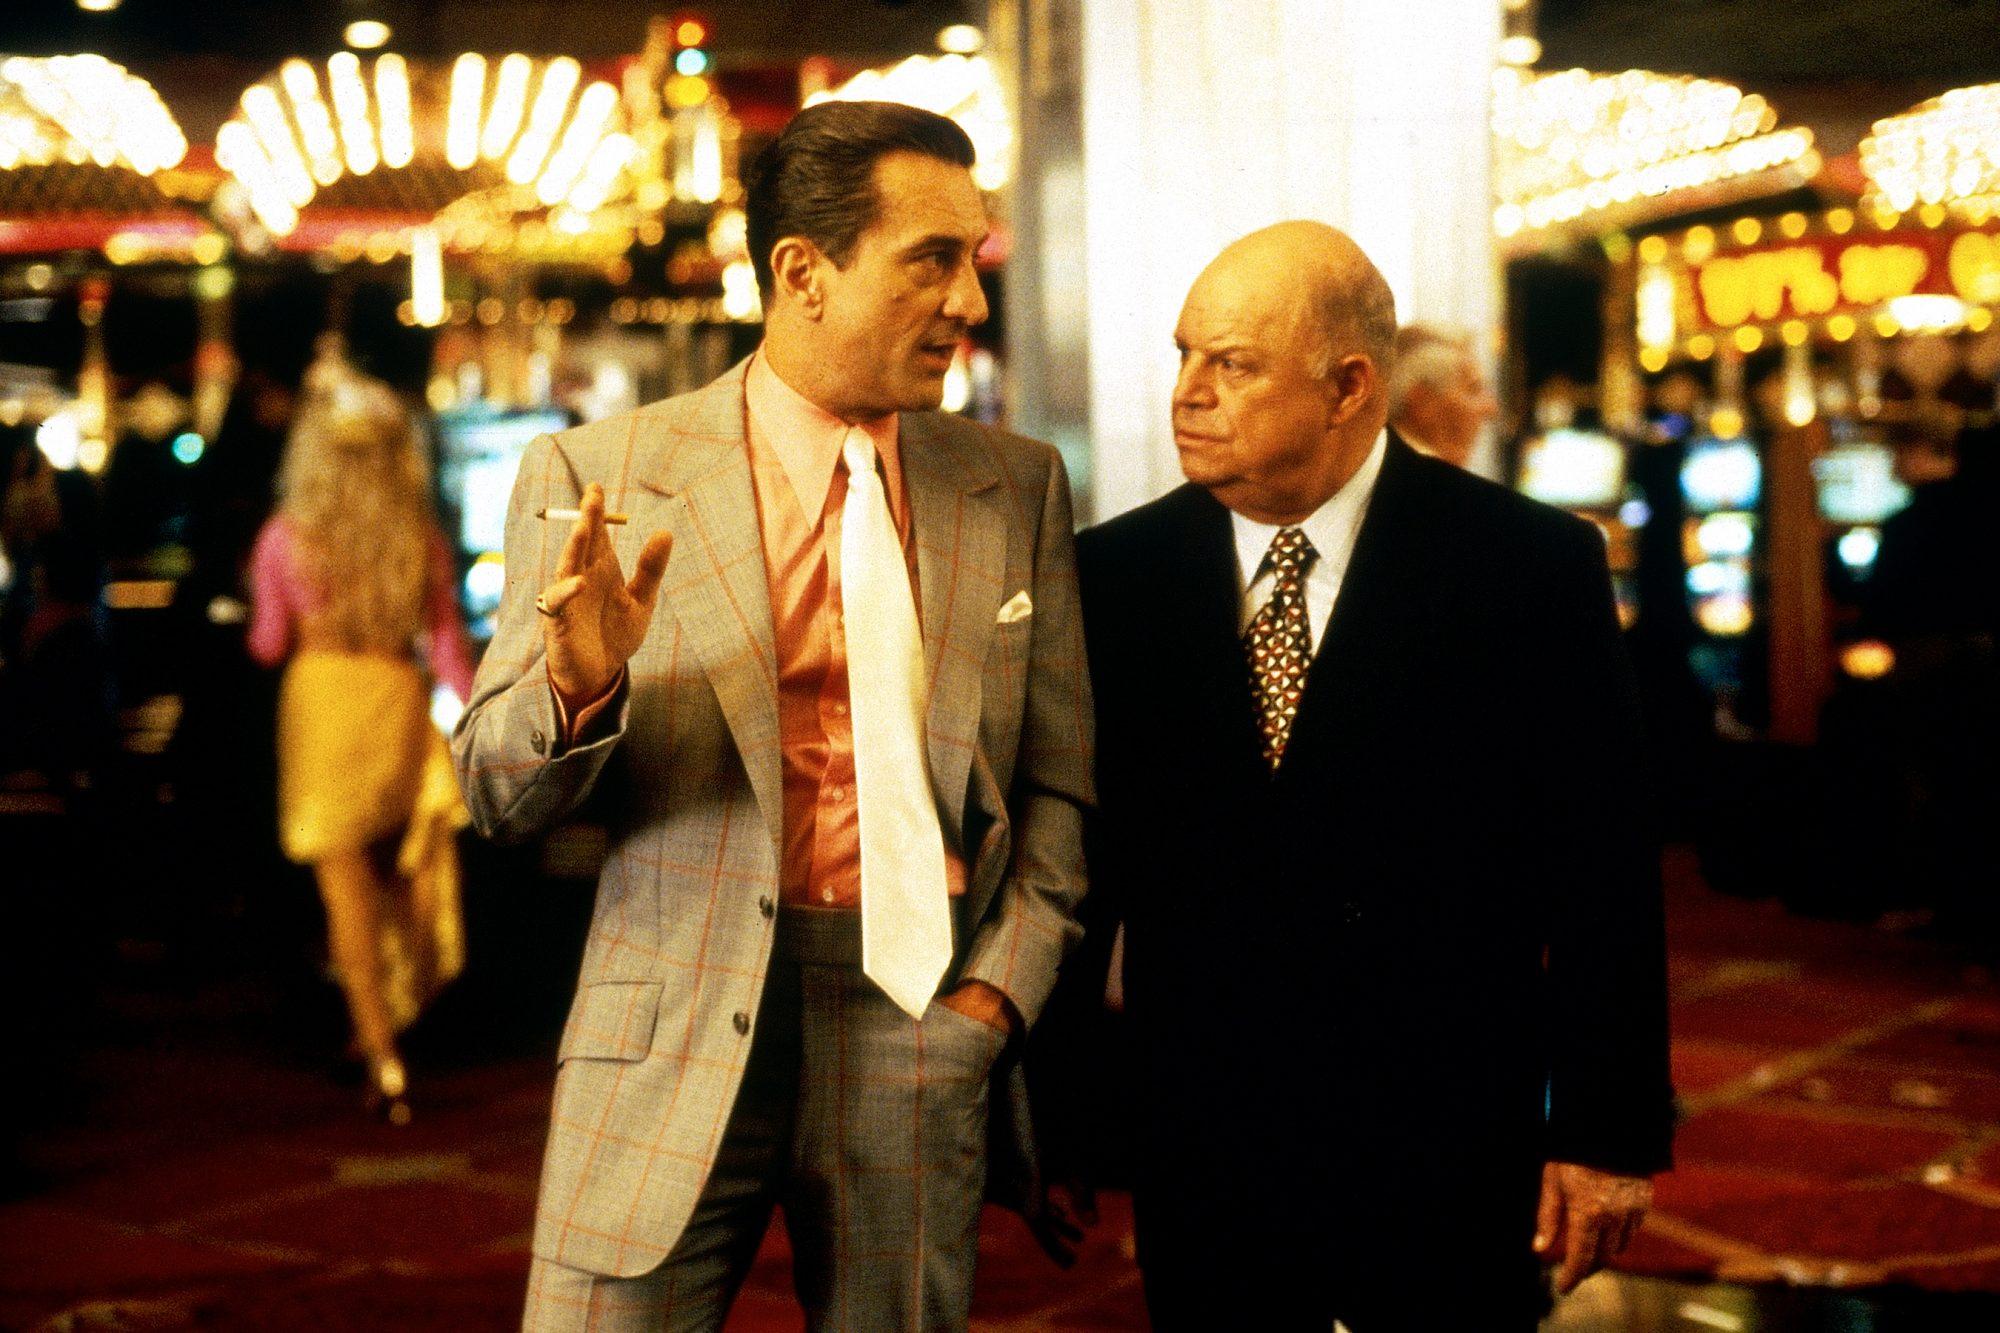 CasinoRobert DeNiro (L) and Don Rickles